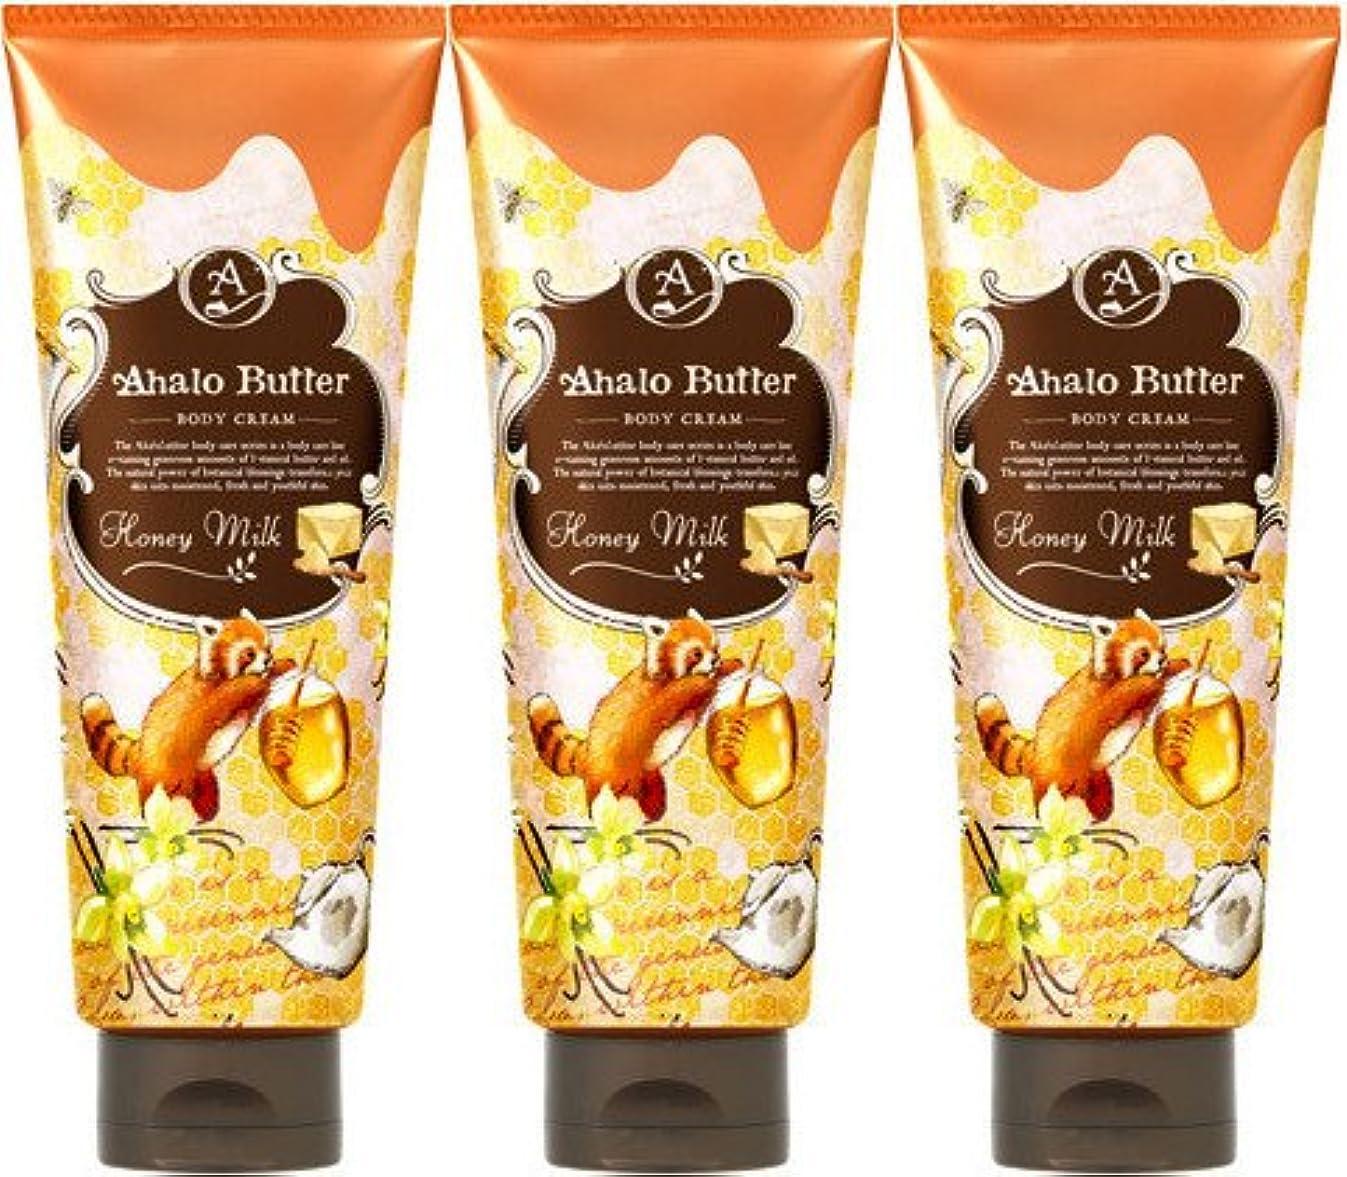 つまずく海岸気楽な【3個セット】Ahalo butter(アハロバター) ボディクリーム ハニーミルク 150g